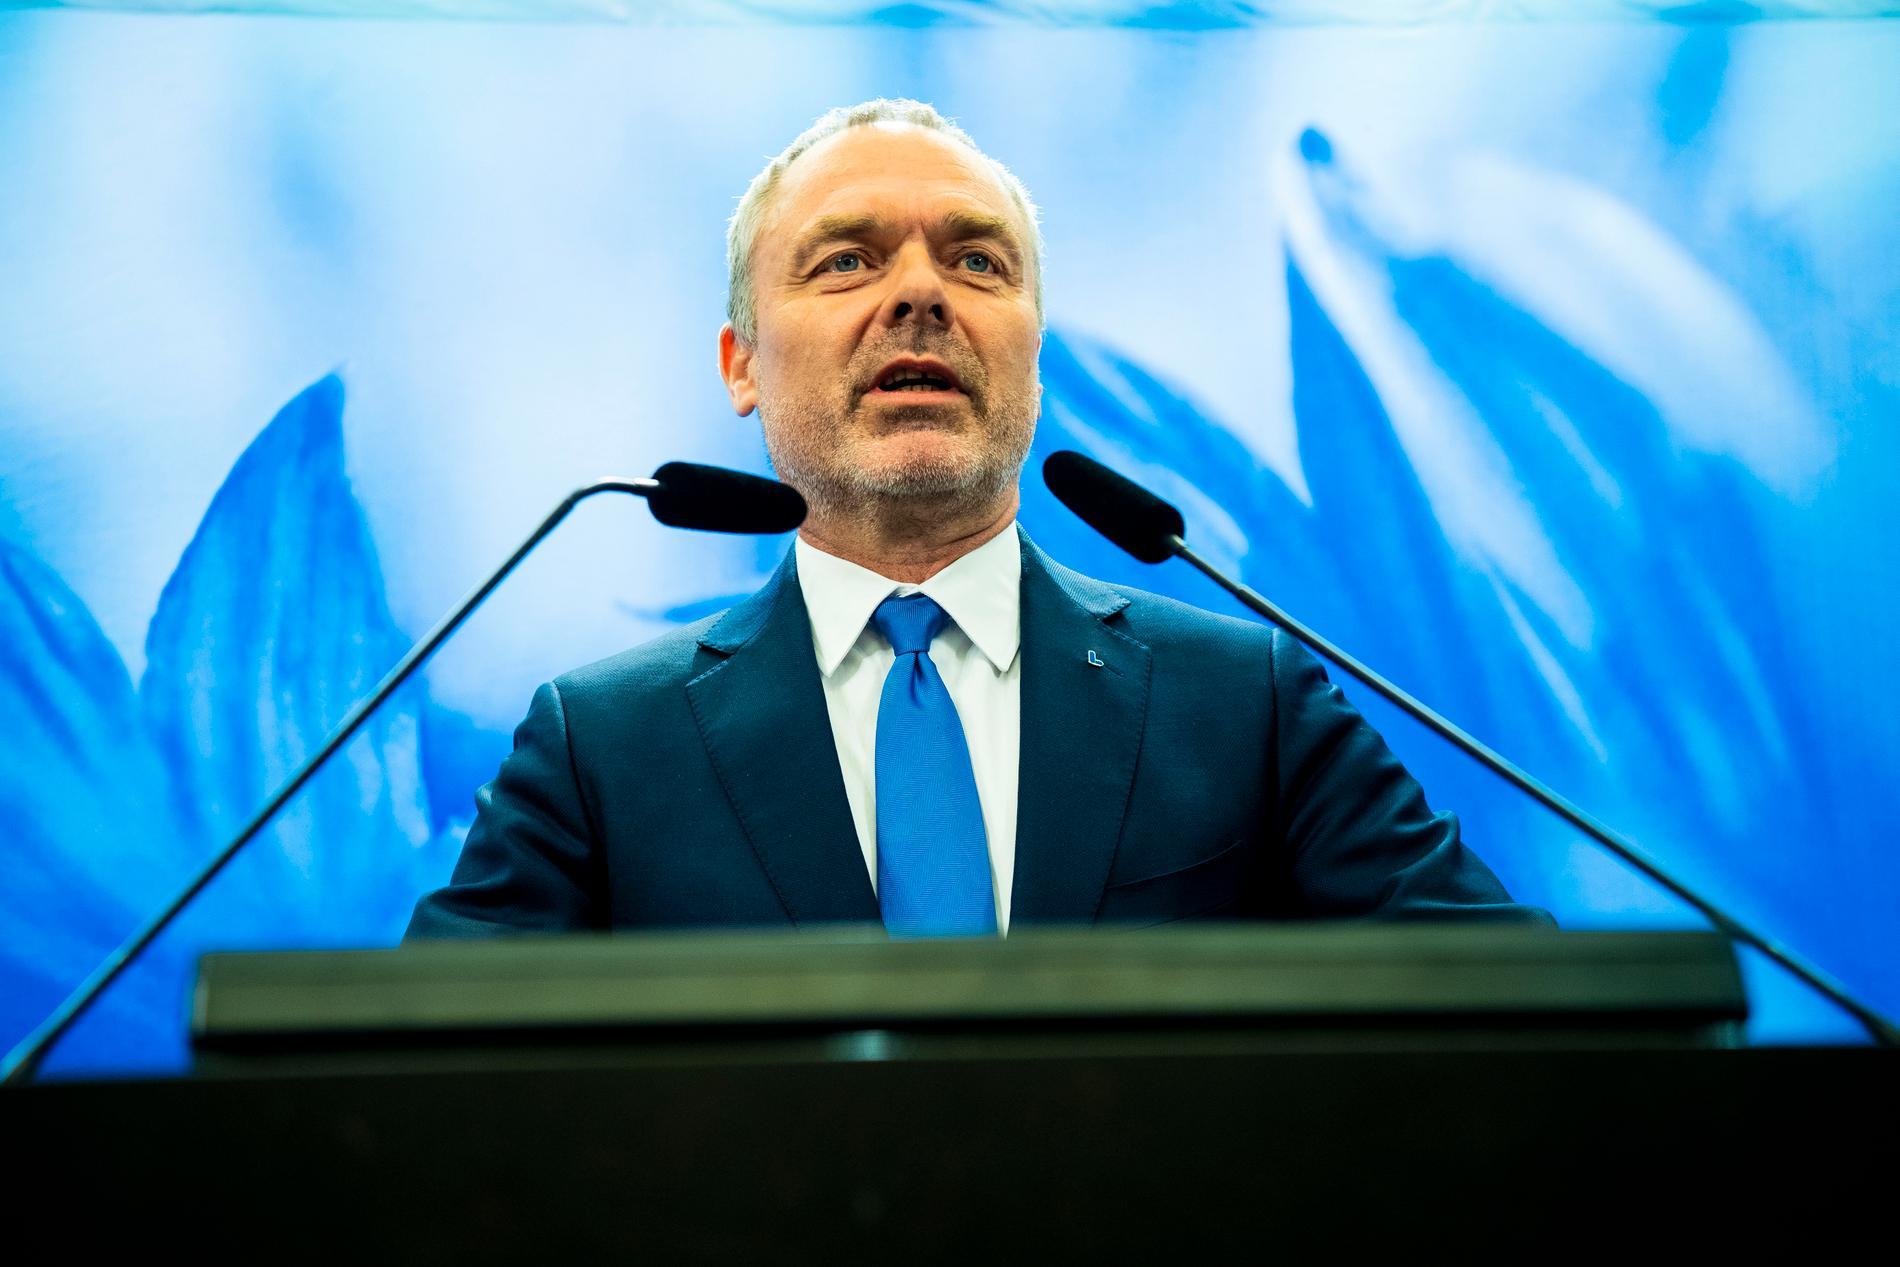 Jan Björklund har meddelat att han avgår som partiledare för Liberalerna.